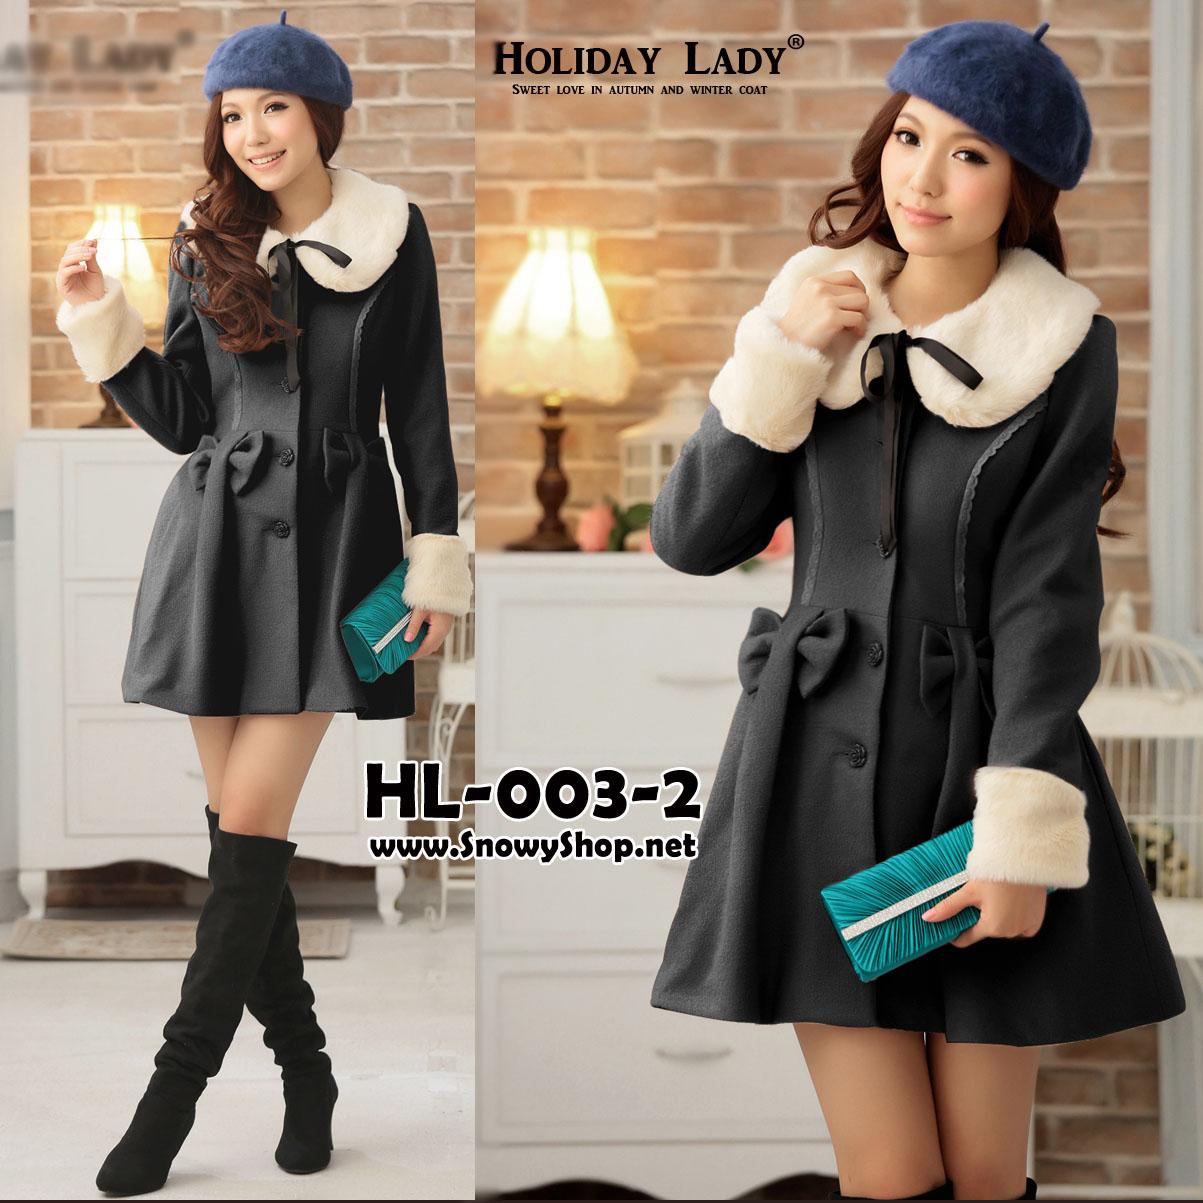 [[*พร้อมส่ง S,M]] [HL-003-2] Holiday lady เสื้อโค้ทกันหนาวสีดำผ้าวูลหนา แต่งโบว์ ปกขนเฟอร์สีขาวสวย เฟอร์ถอดได้ด้วยค่ะ